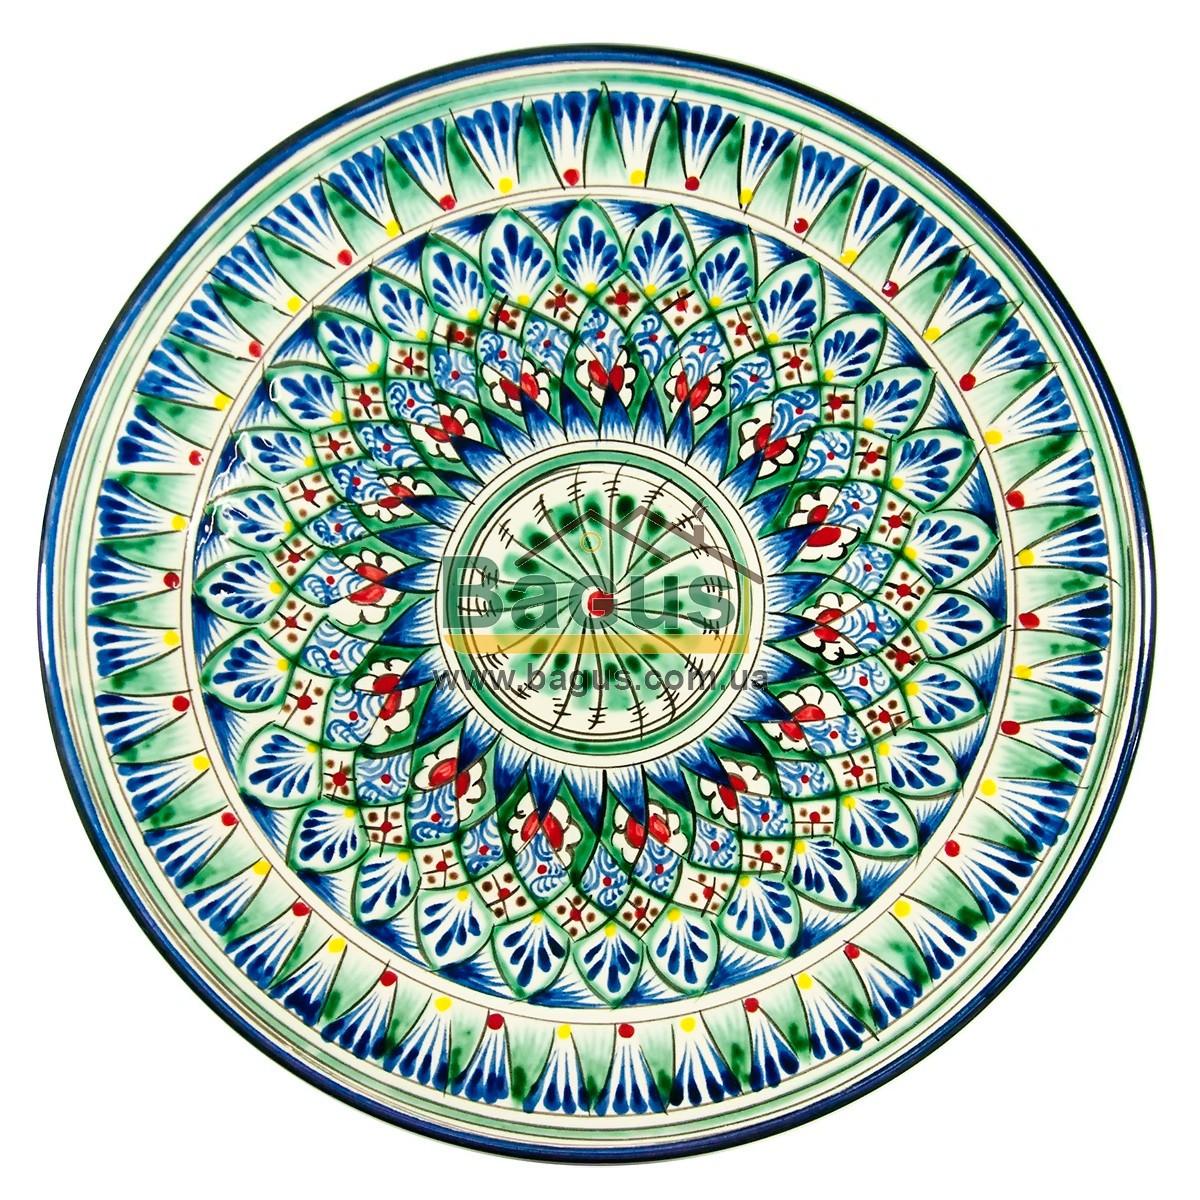 Тарілка узбецька діаметр 27см висота 3,5 см ручна робота 2704-11